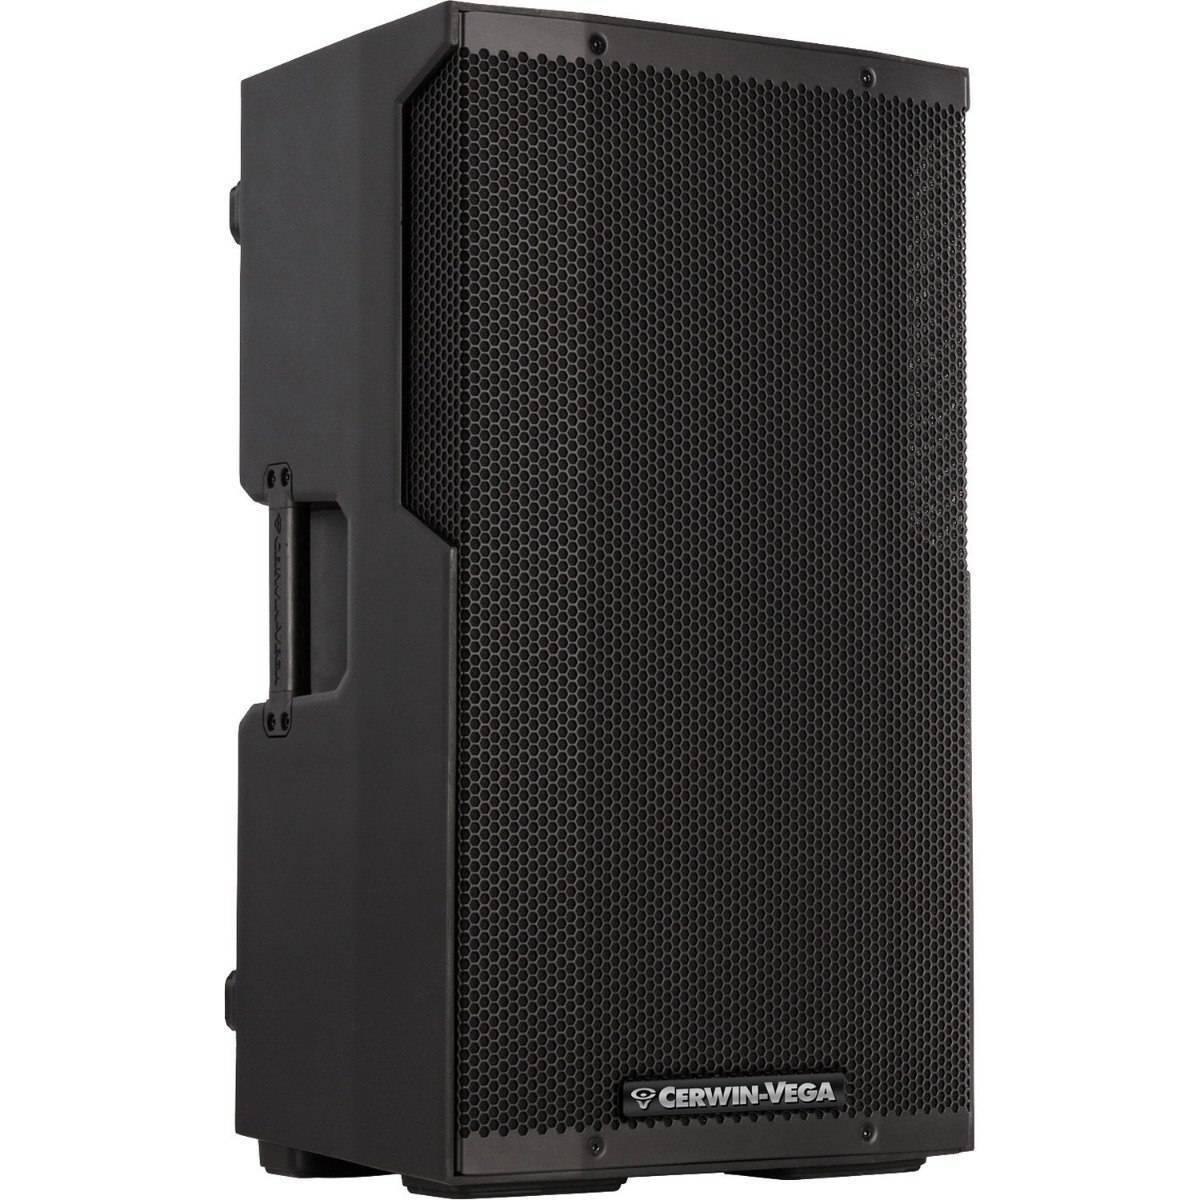 Bafle amplificado Cerwin Vega CVE-12